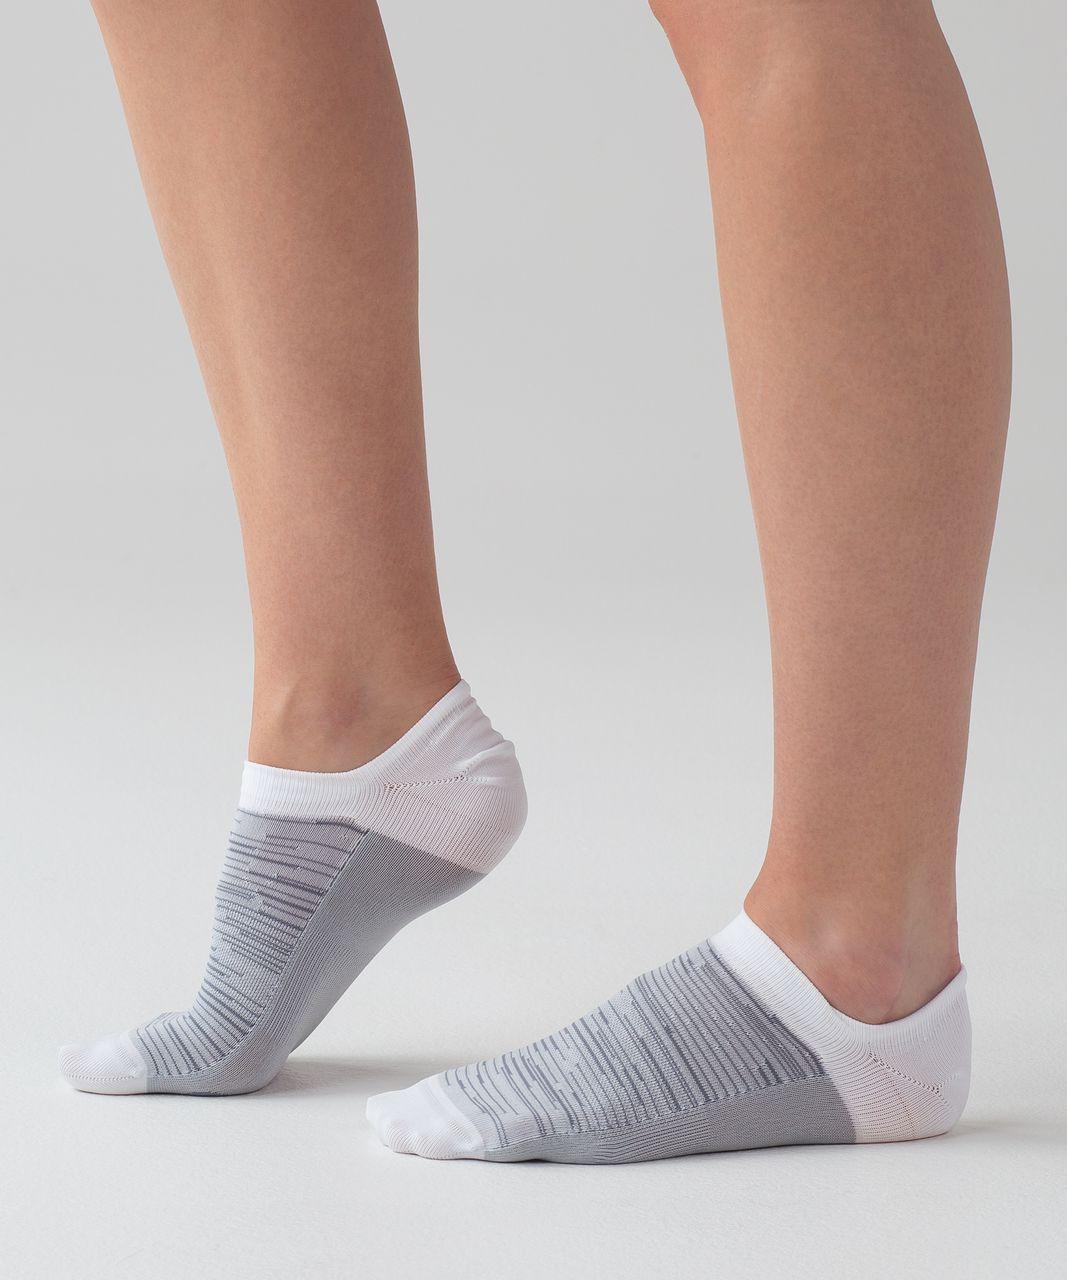 Lululemon Play All Day Sock - Hail / White